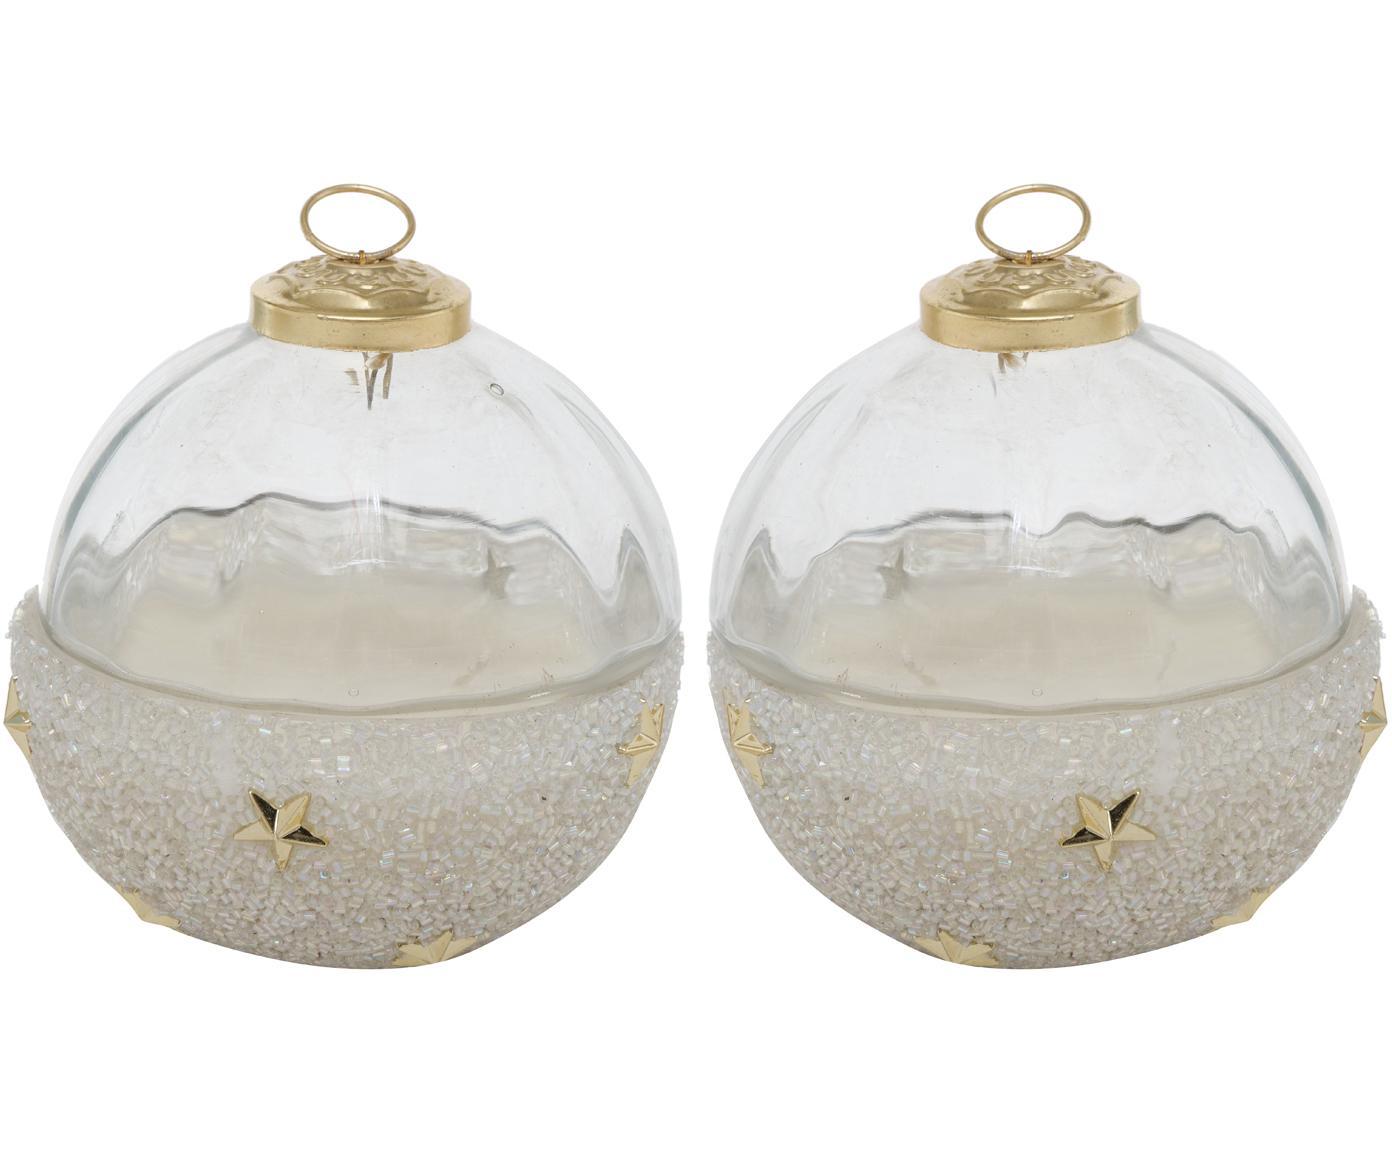 Set de velas perfumadas Arlington (granada y arándano), 2pzas., Recipiente: vidrio, pintado, Transparente, dorado, blanco, Ø 10 cm x Al 10 cm